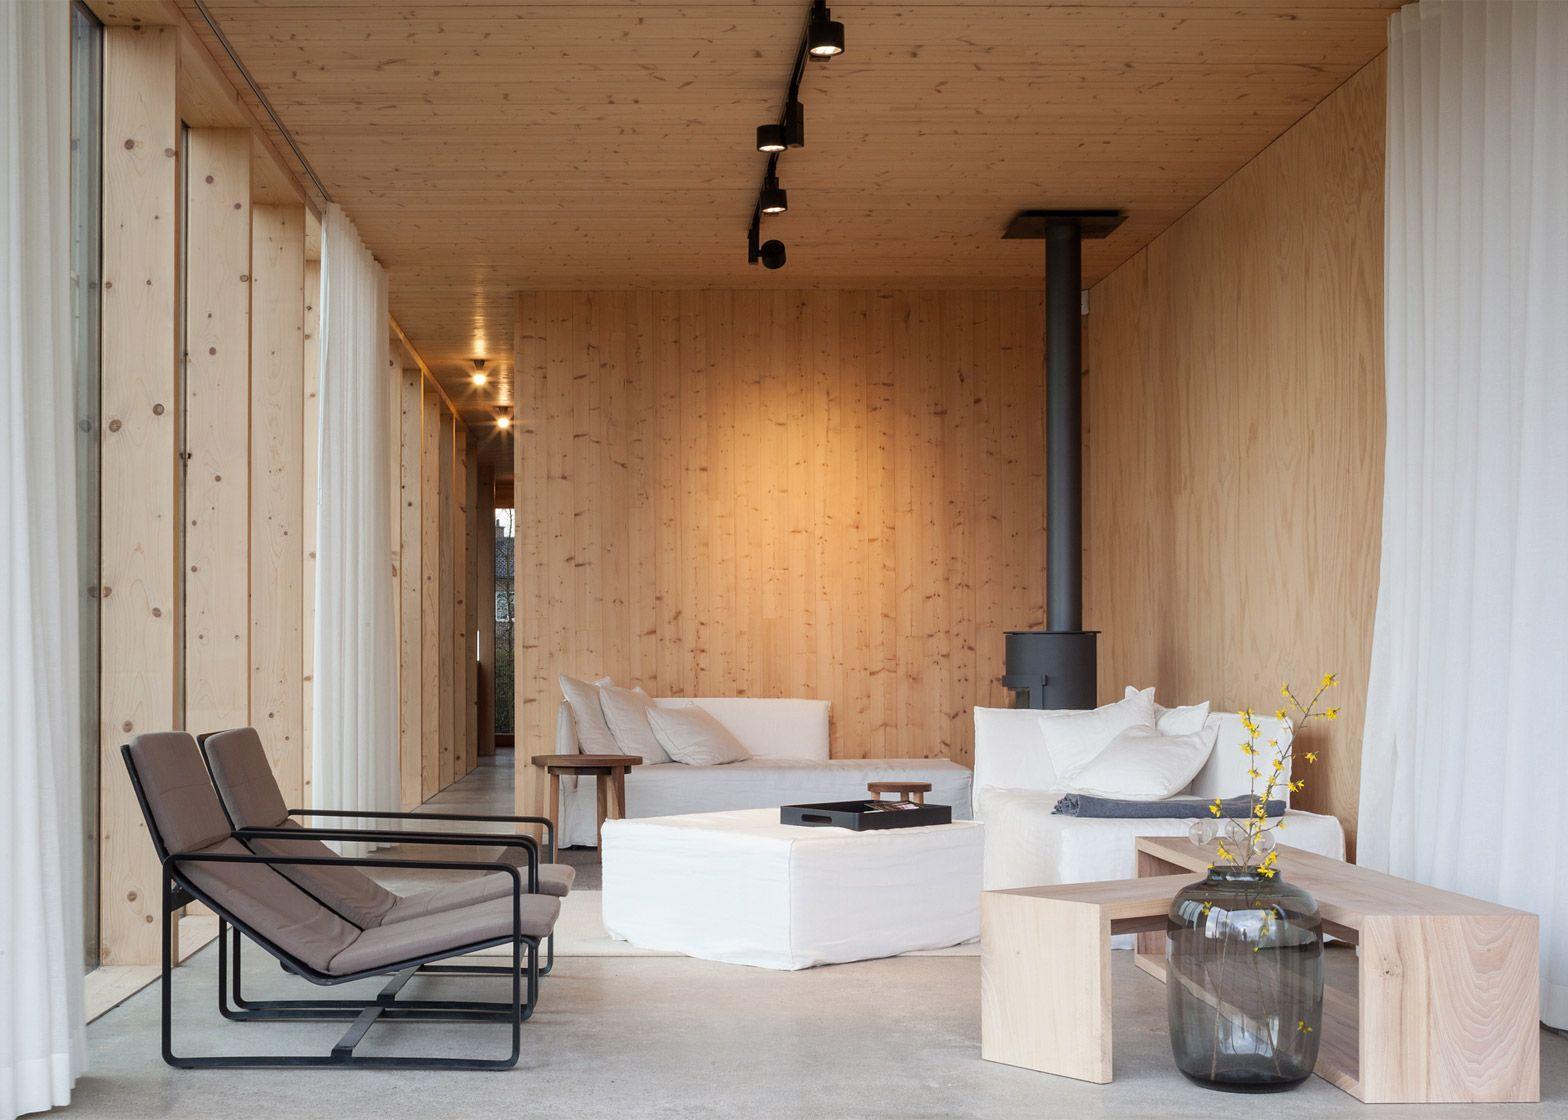 Innenarchitektur wochenendhaus dieses wochenende japanische architektur wendeltreppen moderne häuser kleine häuser räume innere